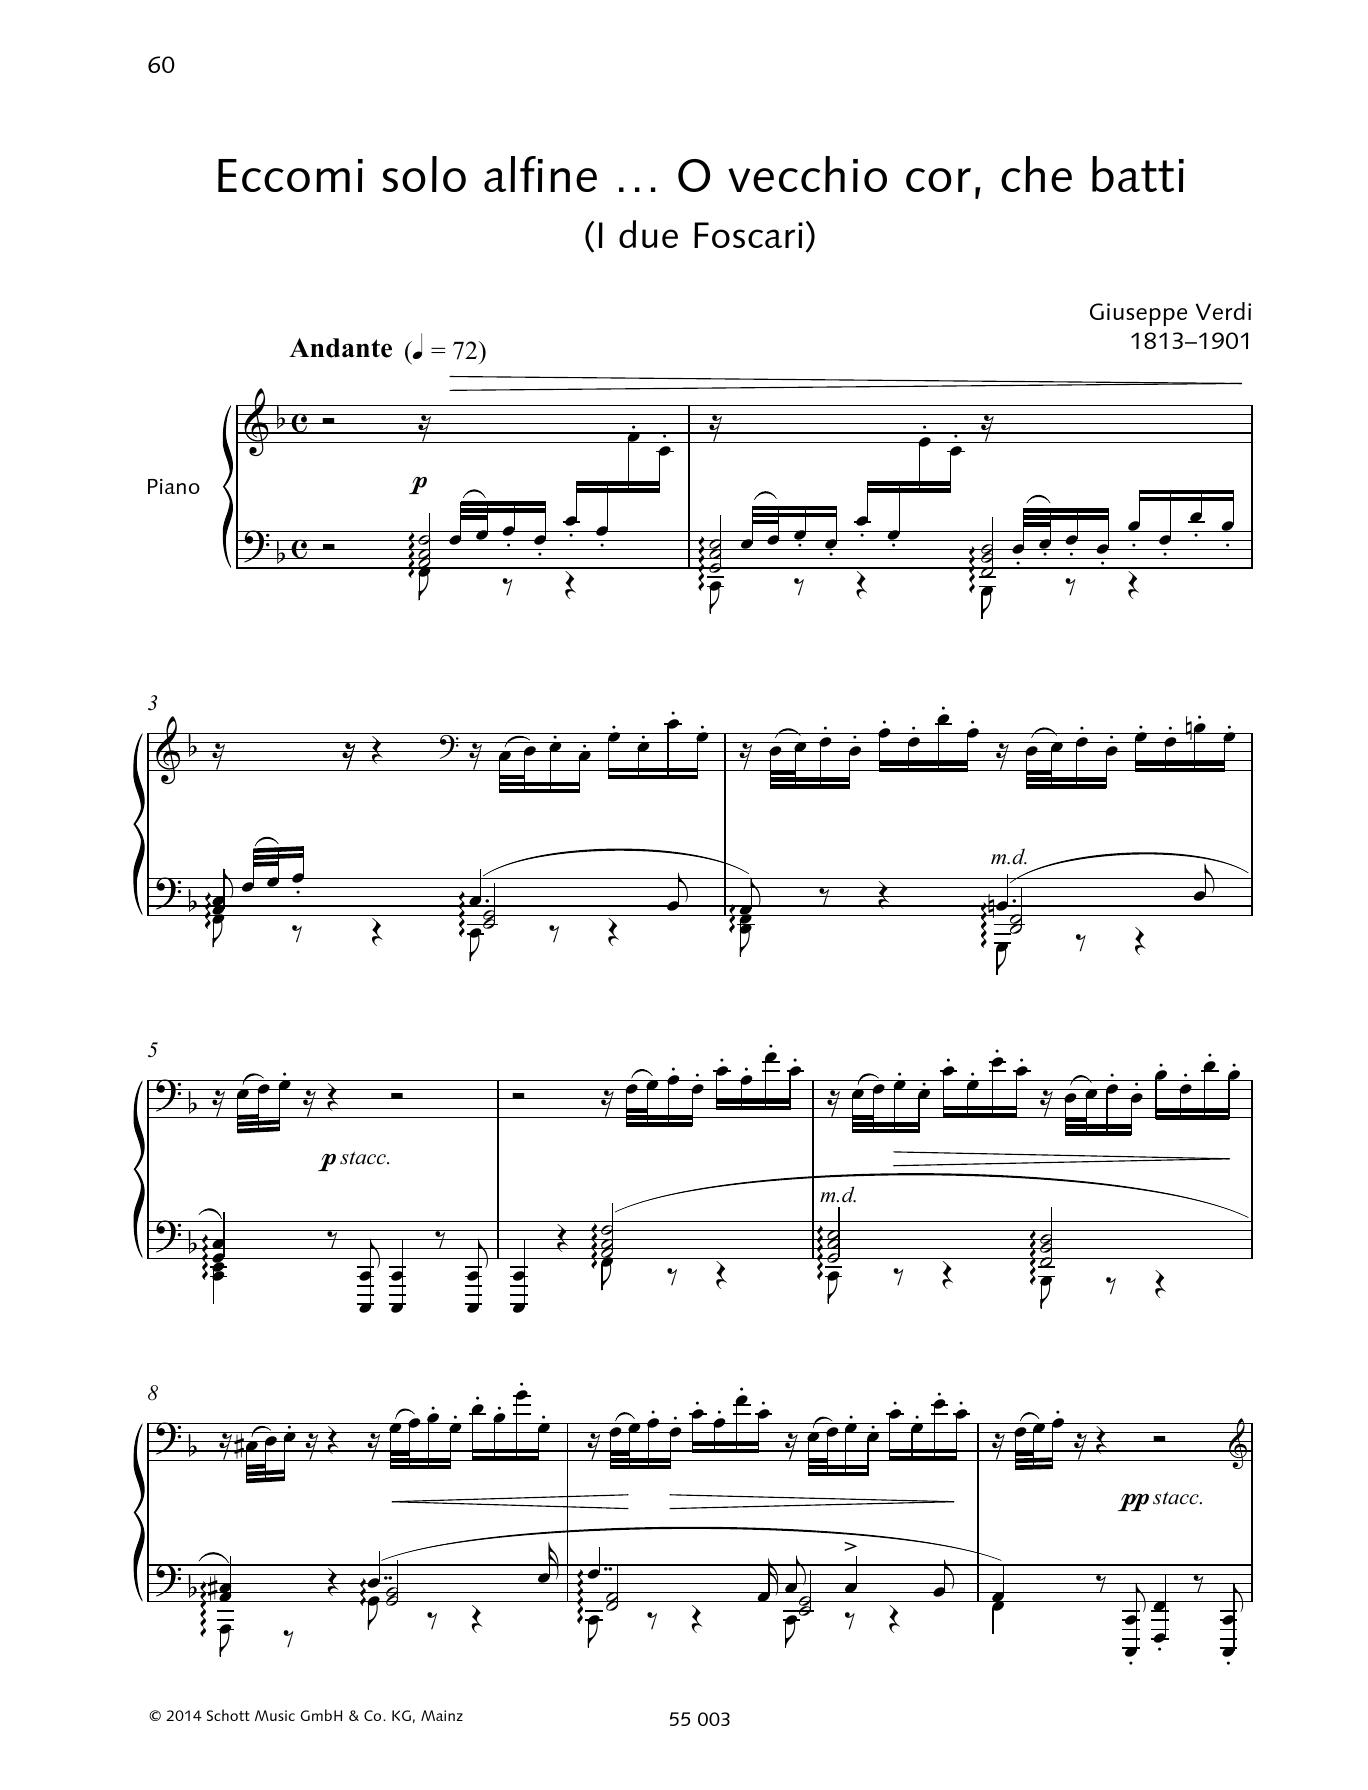 Eccomi solo alfine ... O vecchio cor, che batti Sheet Music